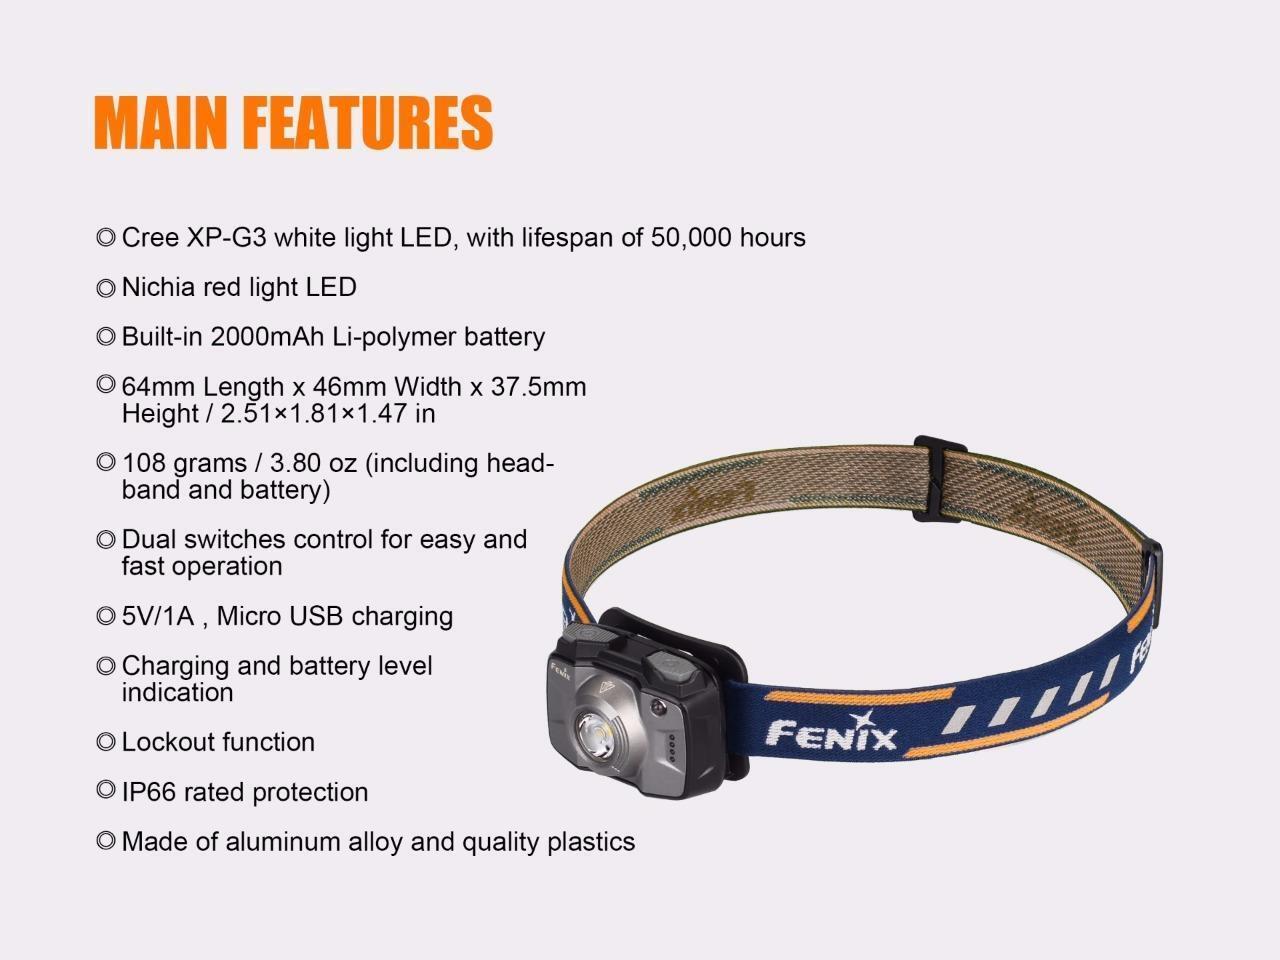 Fenix HL32R HL32R Fenix 600 Lumen  Weiß + ROT LED USB Rechargeable Battery Headlamp (Blau) caecff